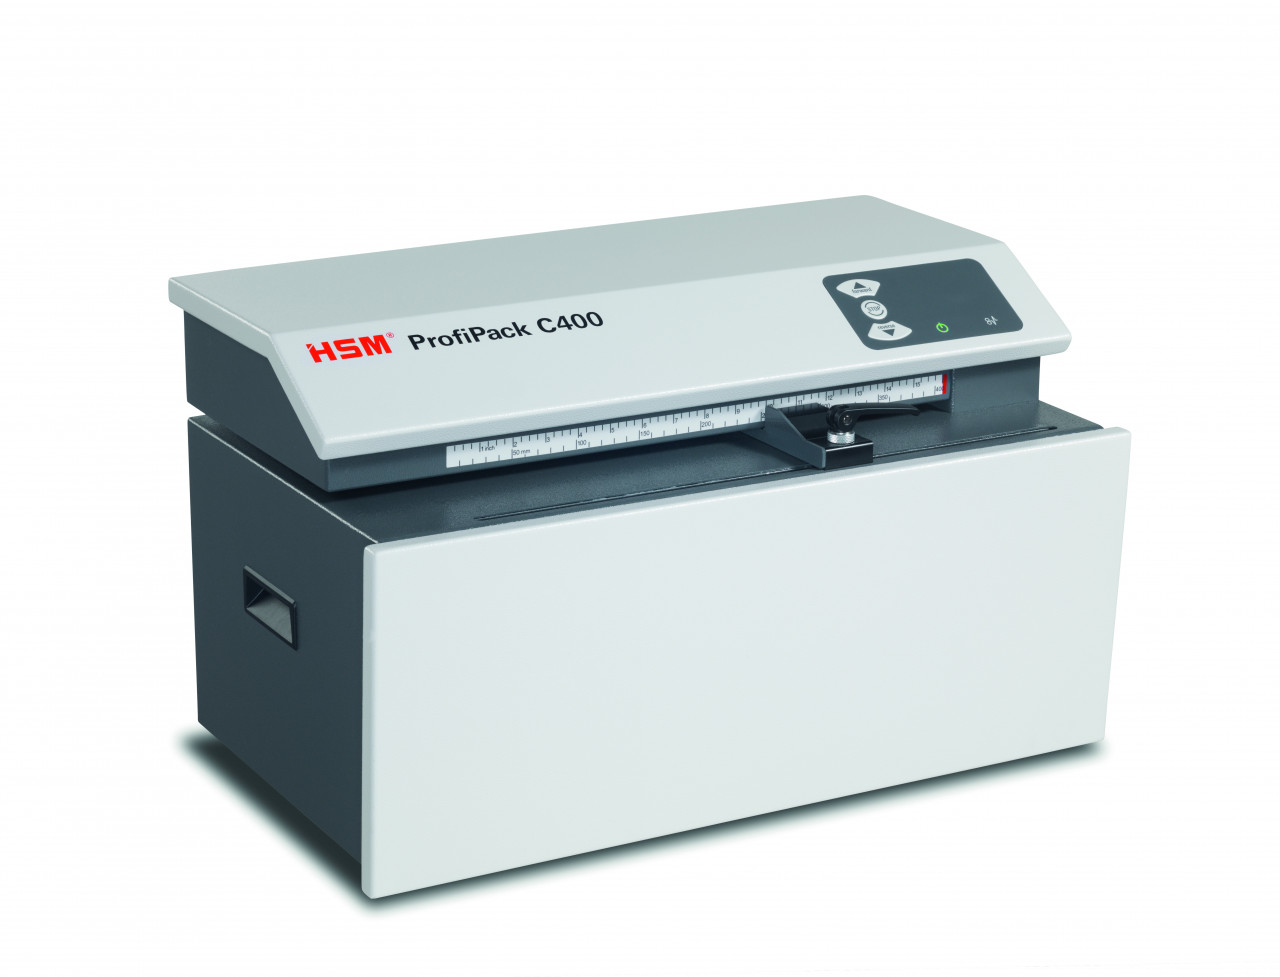 Perforator_kartona_HSM_-_Profipack_C400_-4